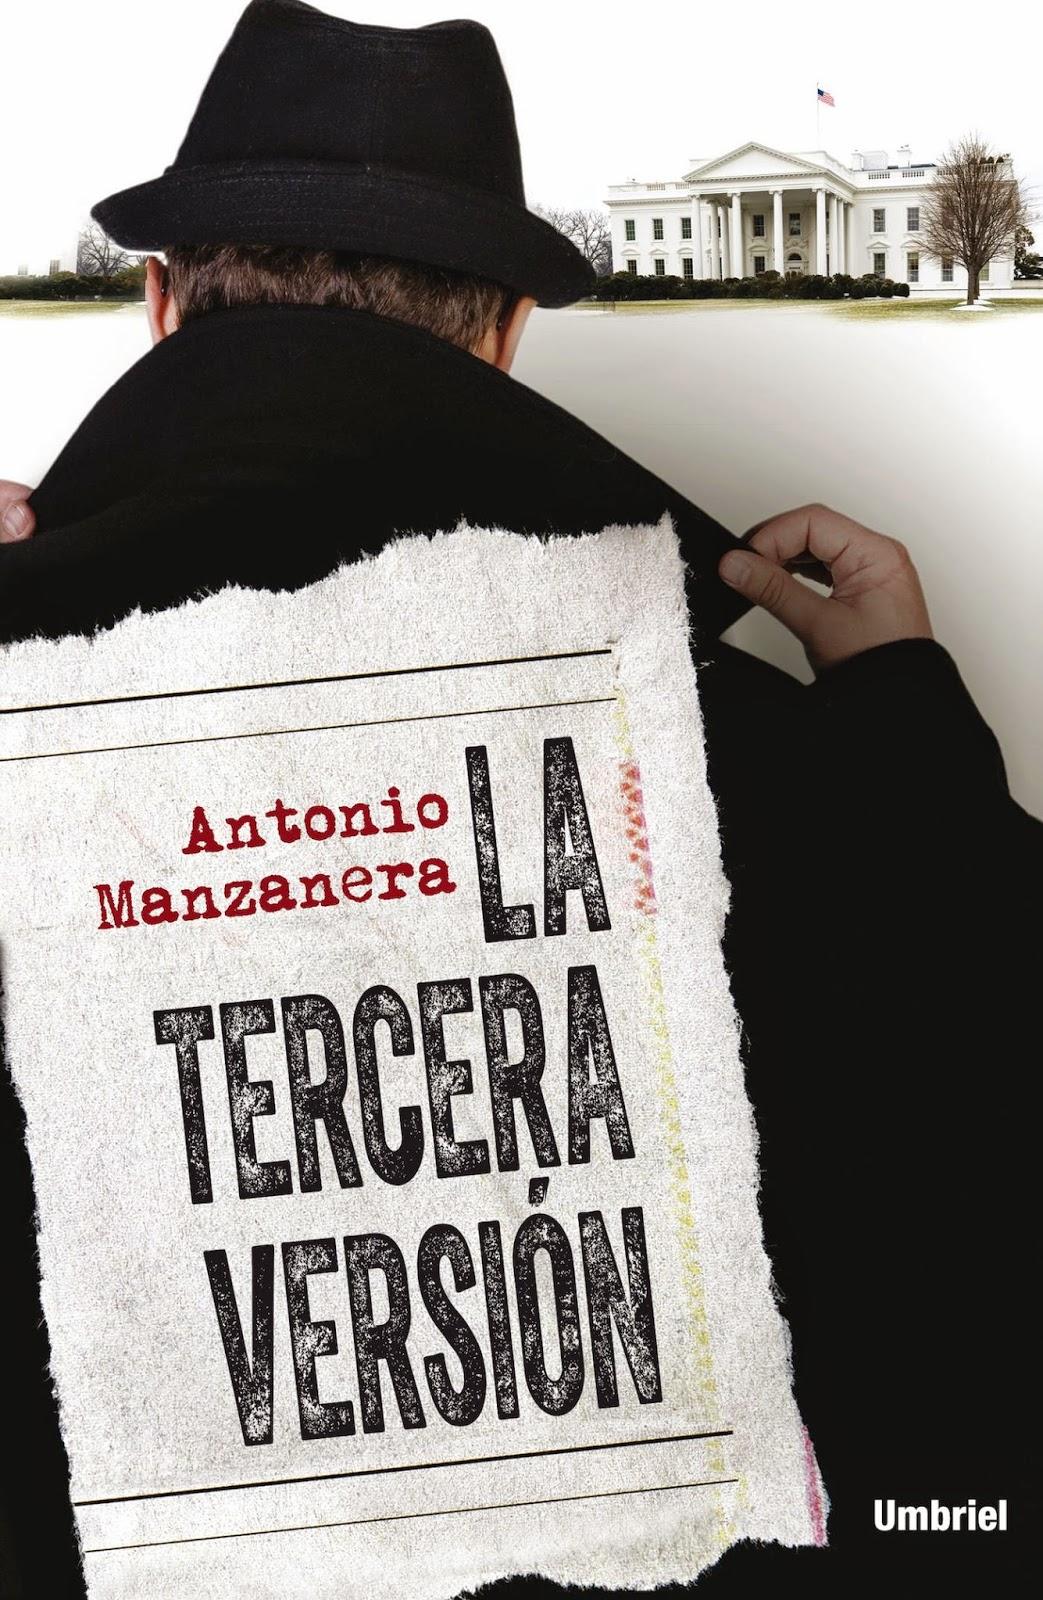 La tercera versión - Antonio Manzanera (2014)